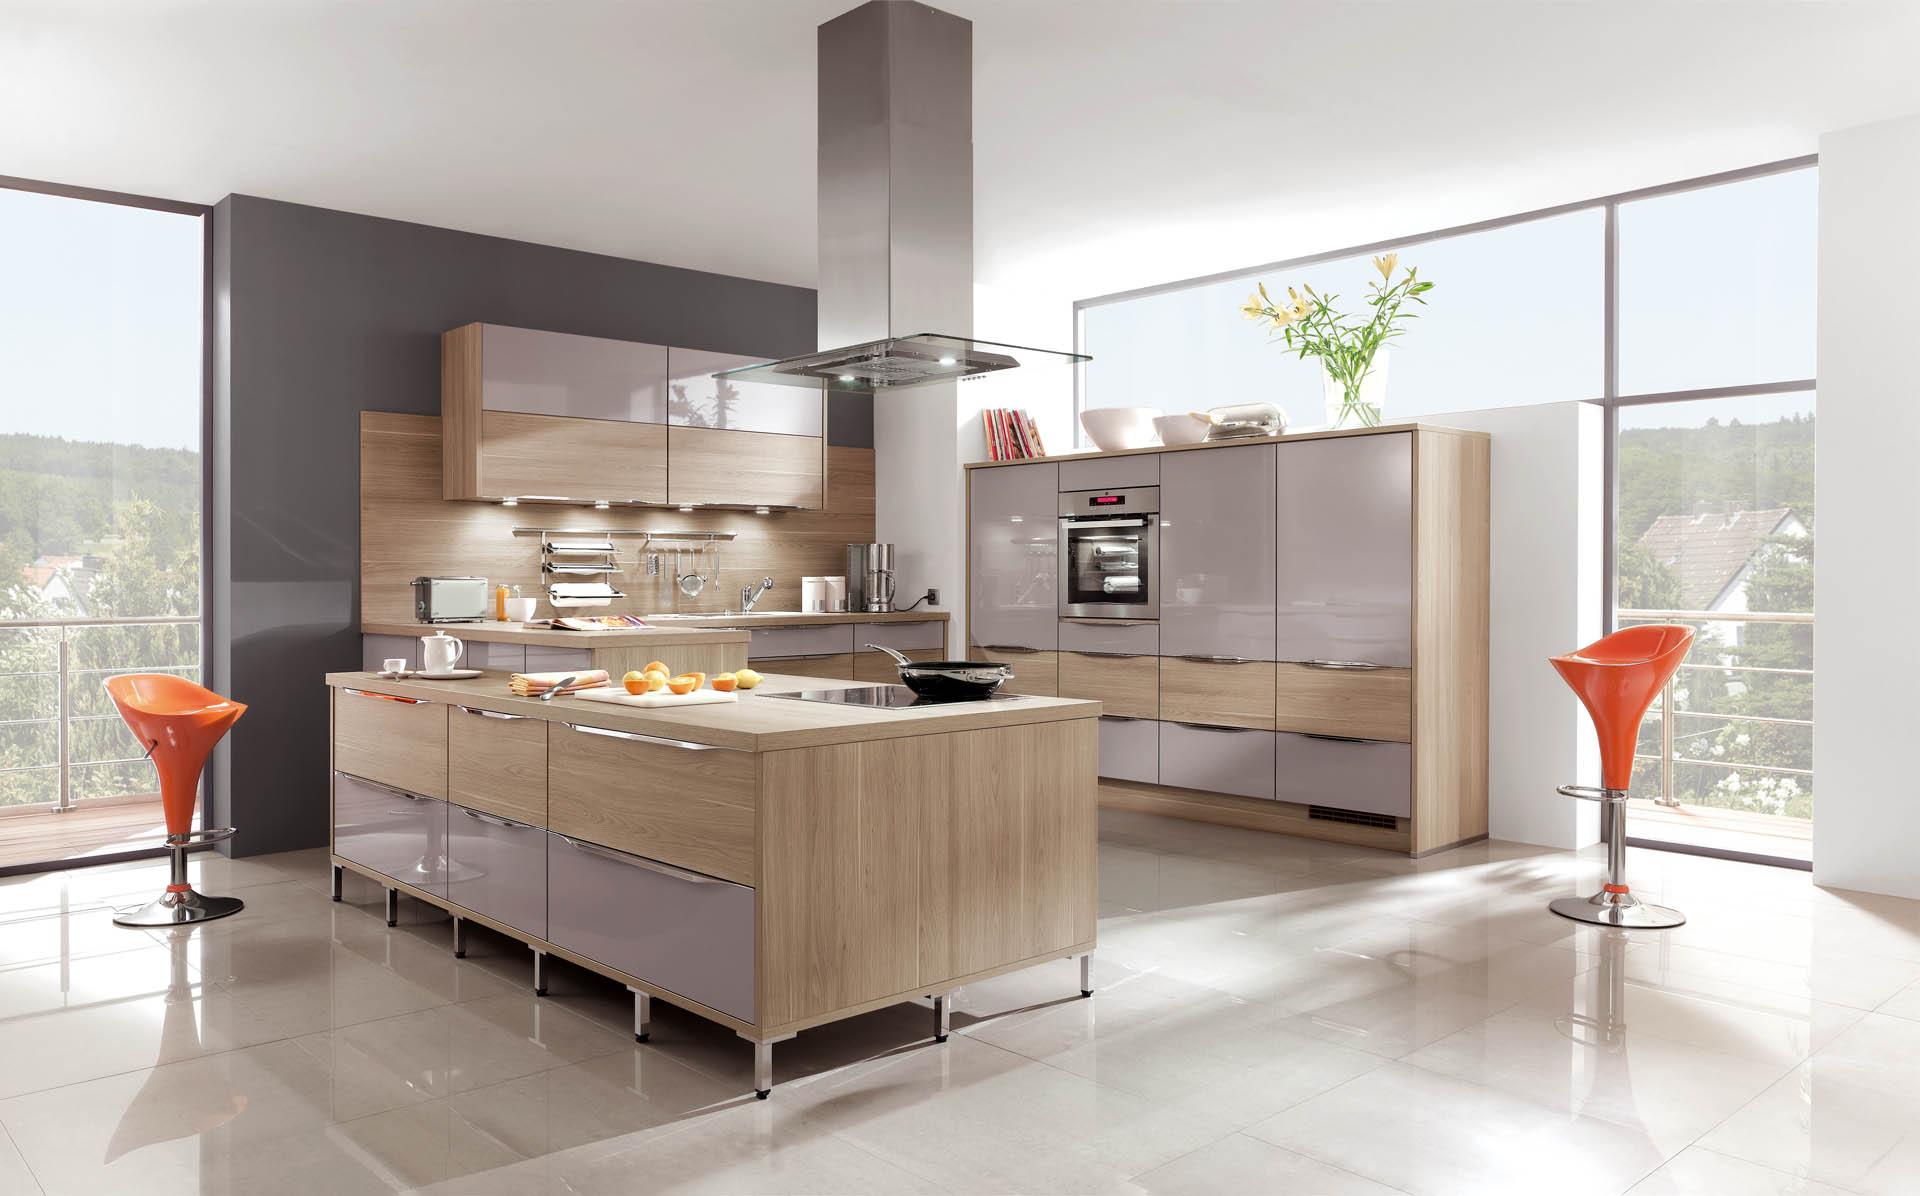 مدل کابینت آشپزخانه جدید